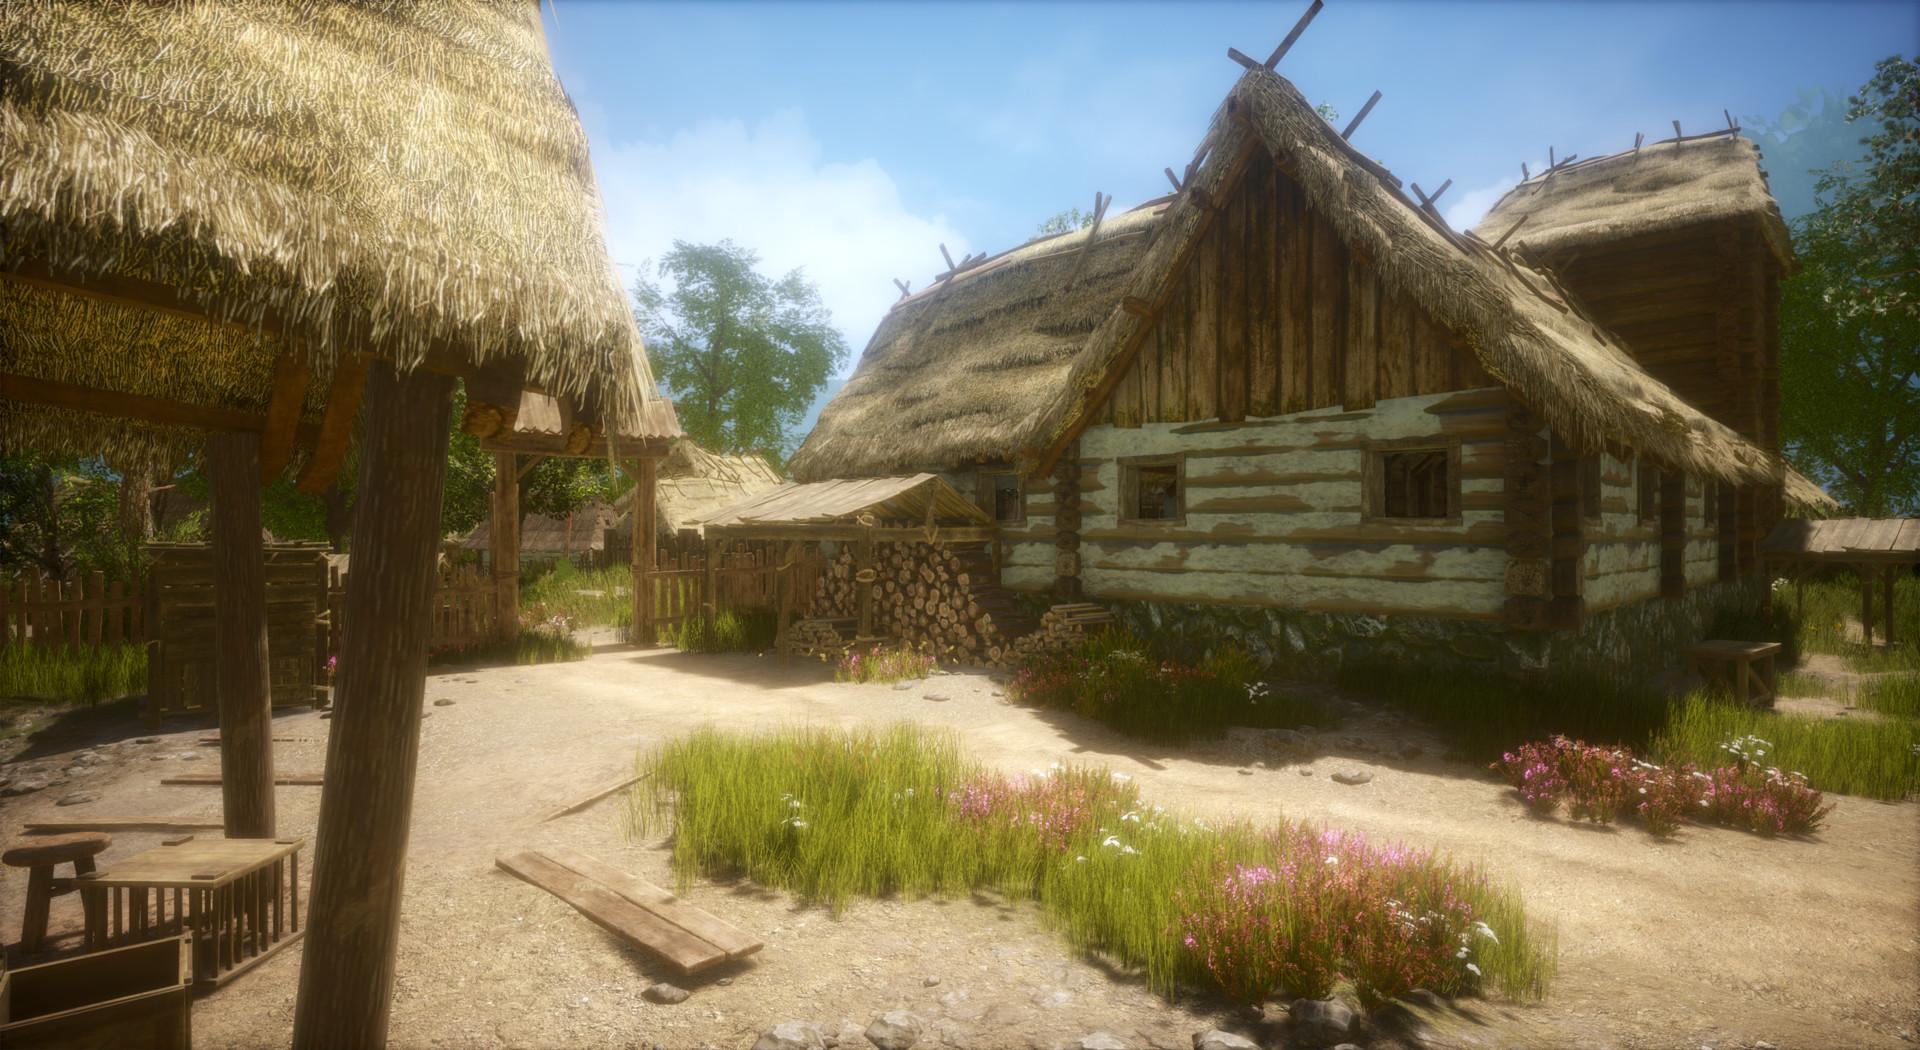 ArtStation - Medieval village map (Unreal Engine 4), Robert Luszczki